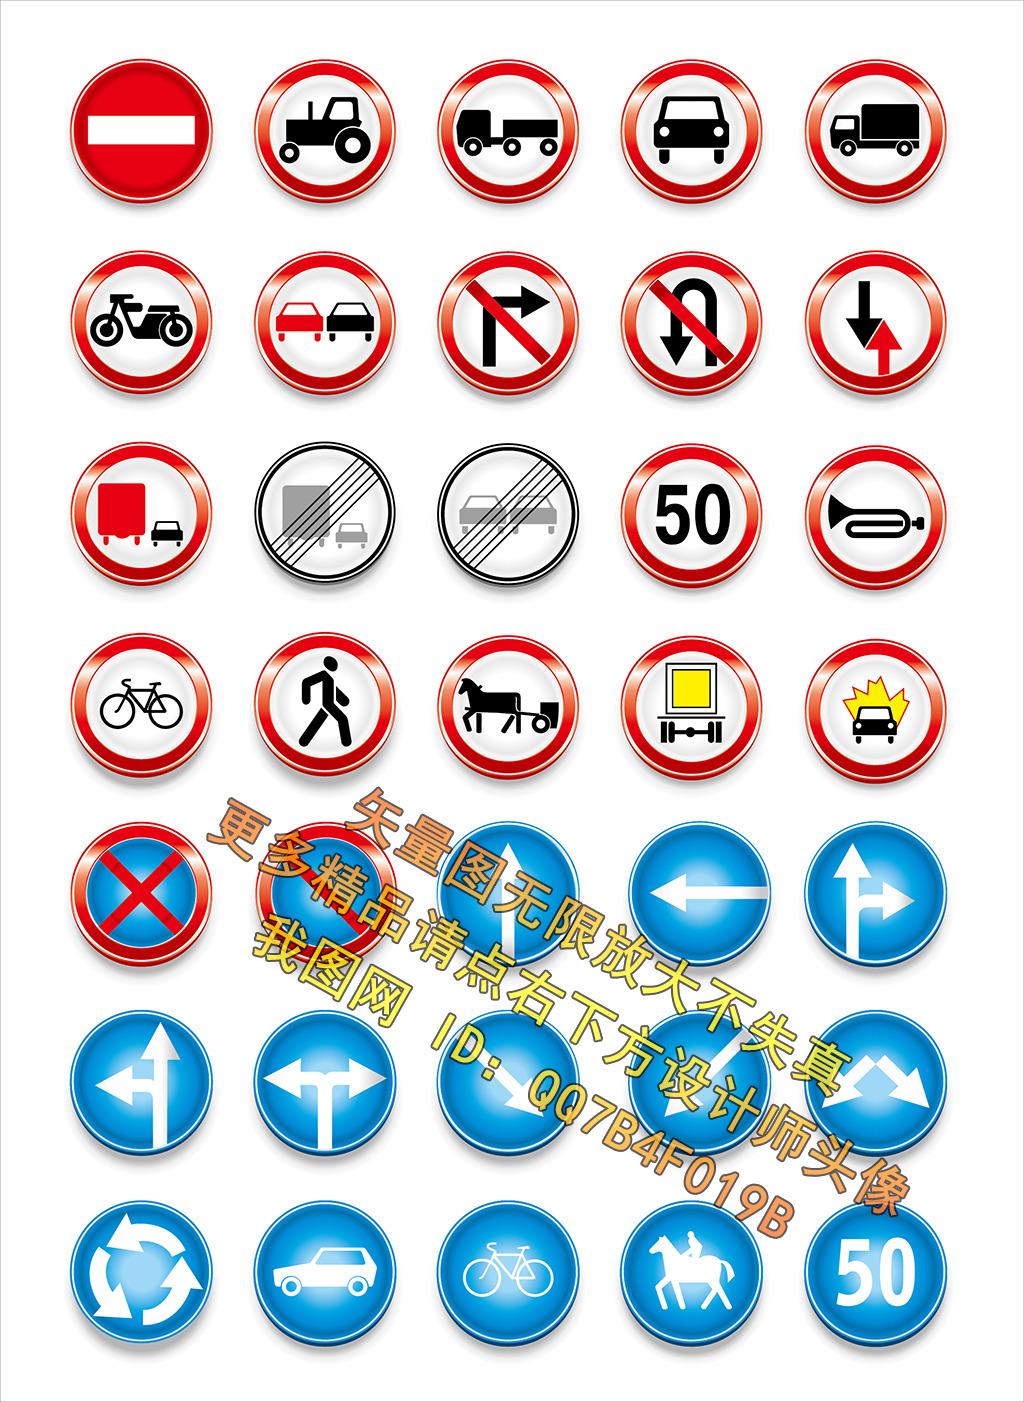 交通安全常识图片下载图片